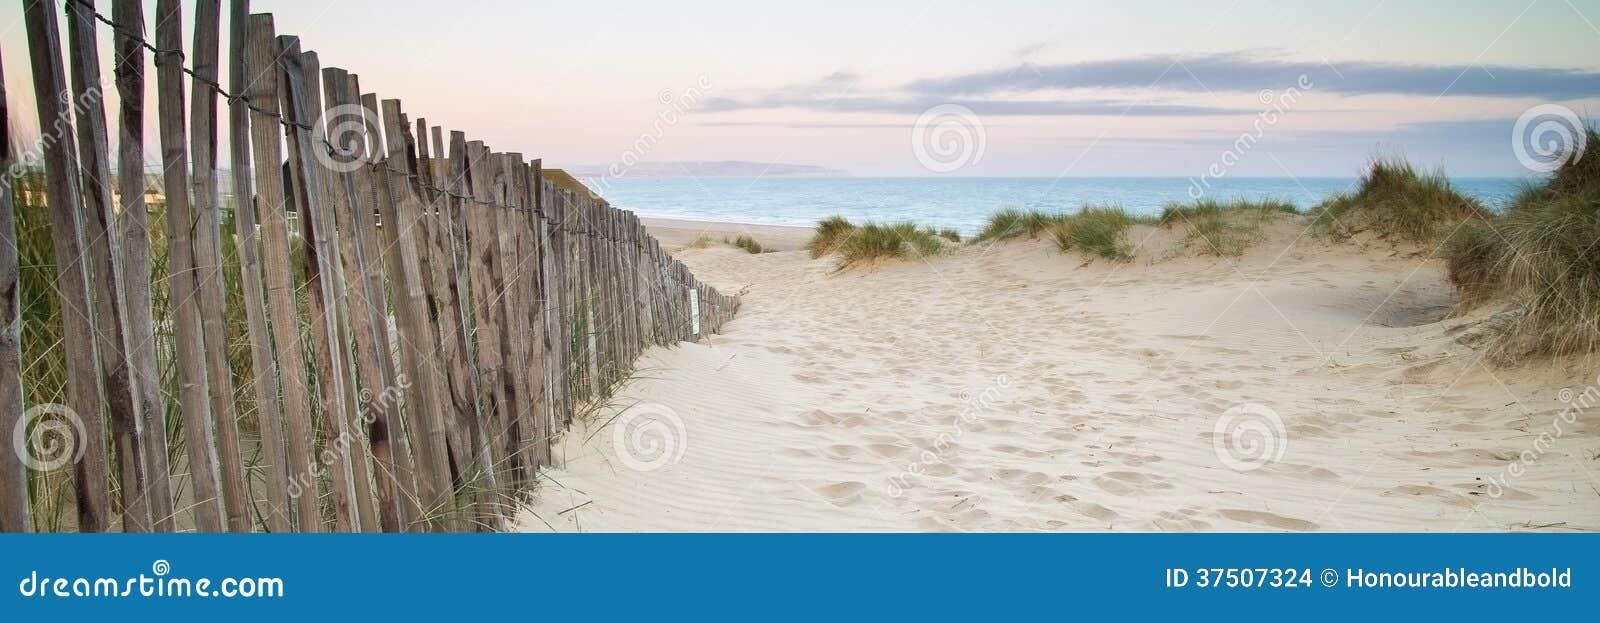 Paisaje del panorama del sistema de las dunas de arena en la playa en la salida del sol